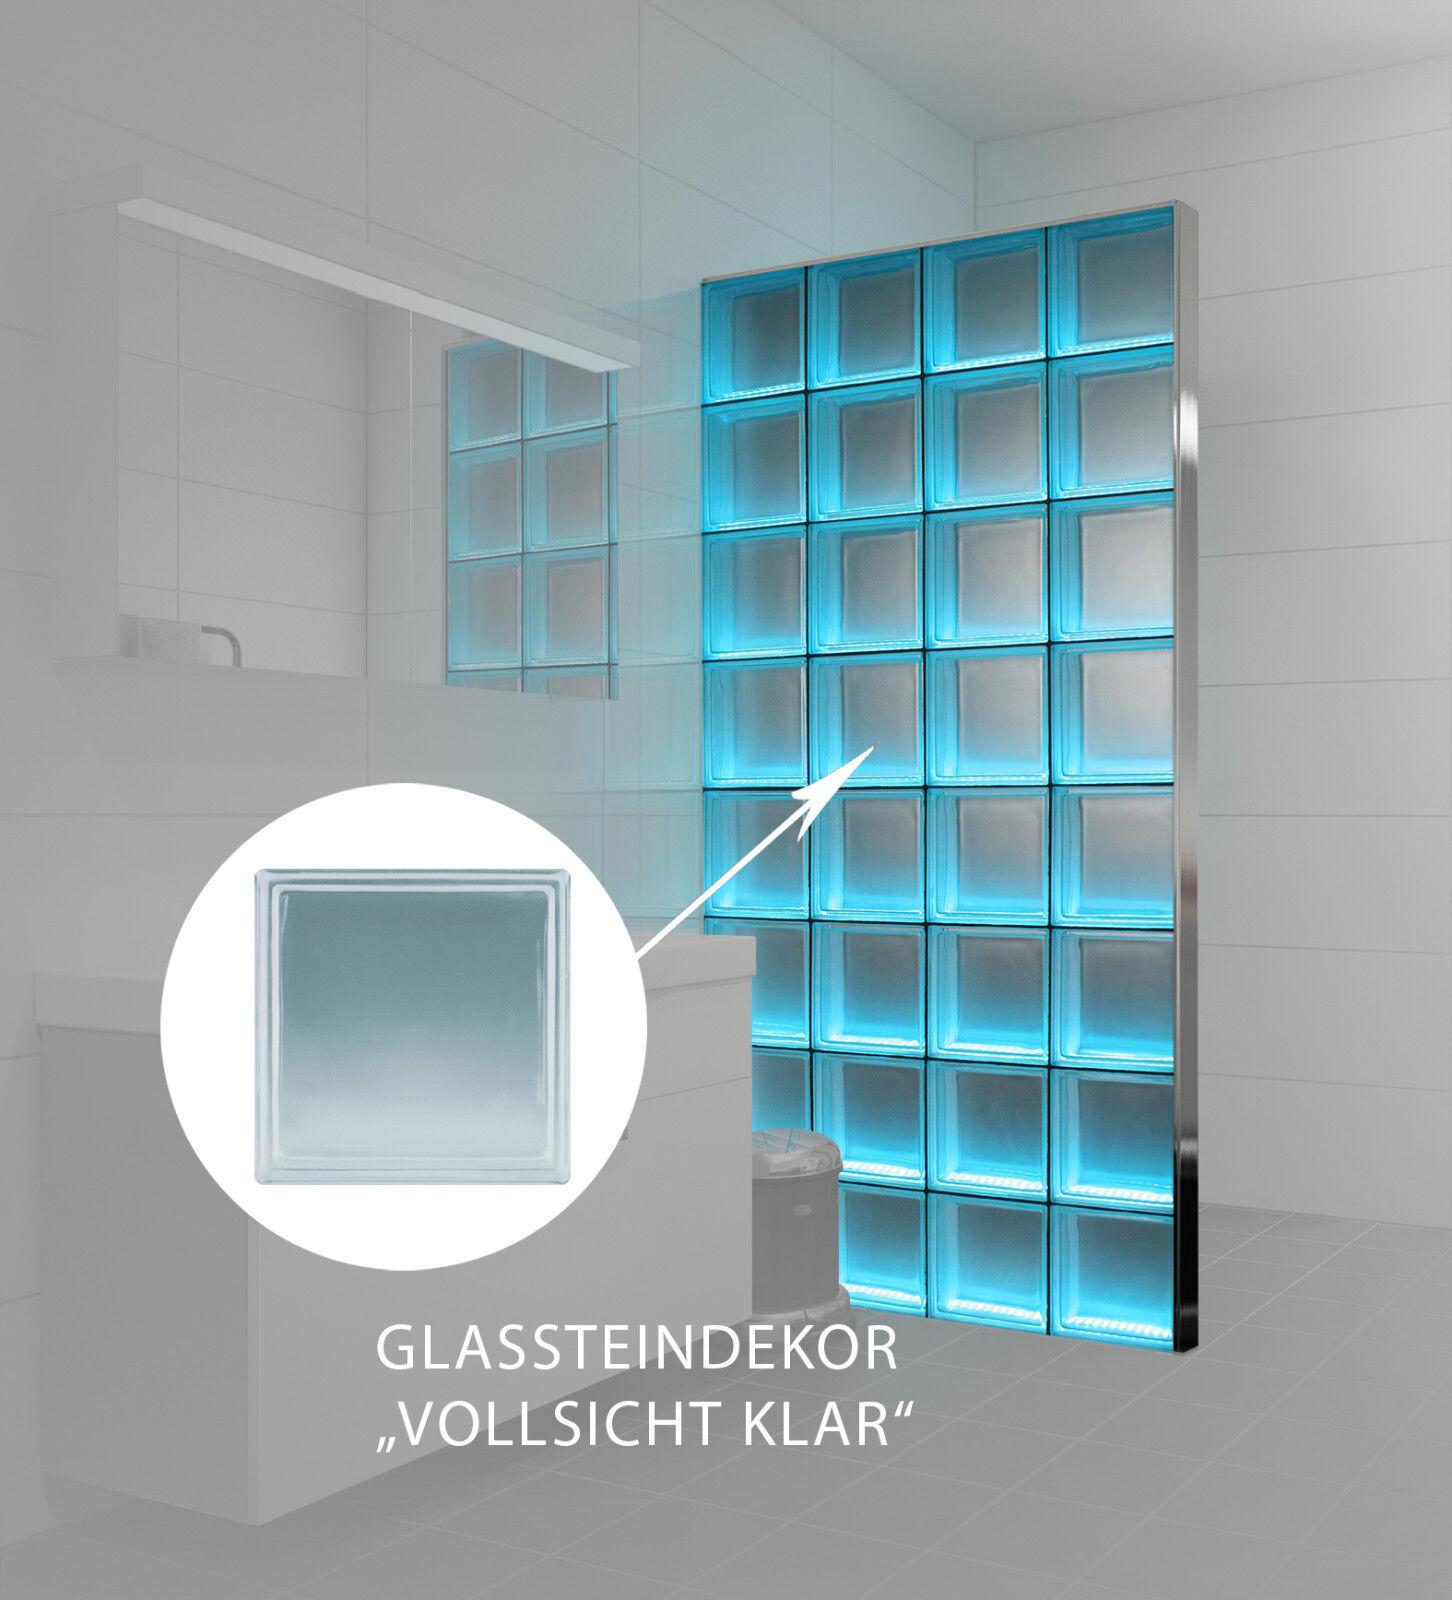 LMW Light My Wall beleuchtete Glassteinwand Vollsicht klar 24x24x8 cm